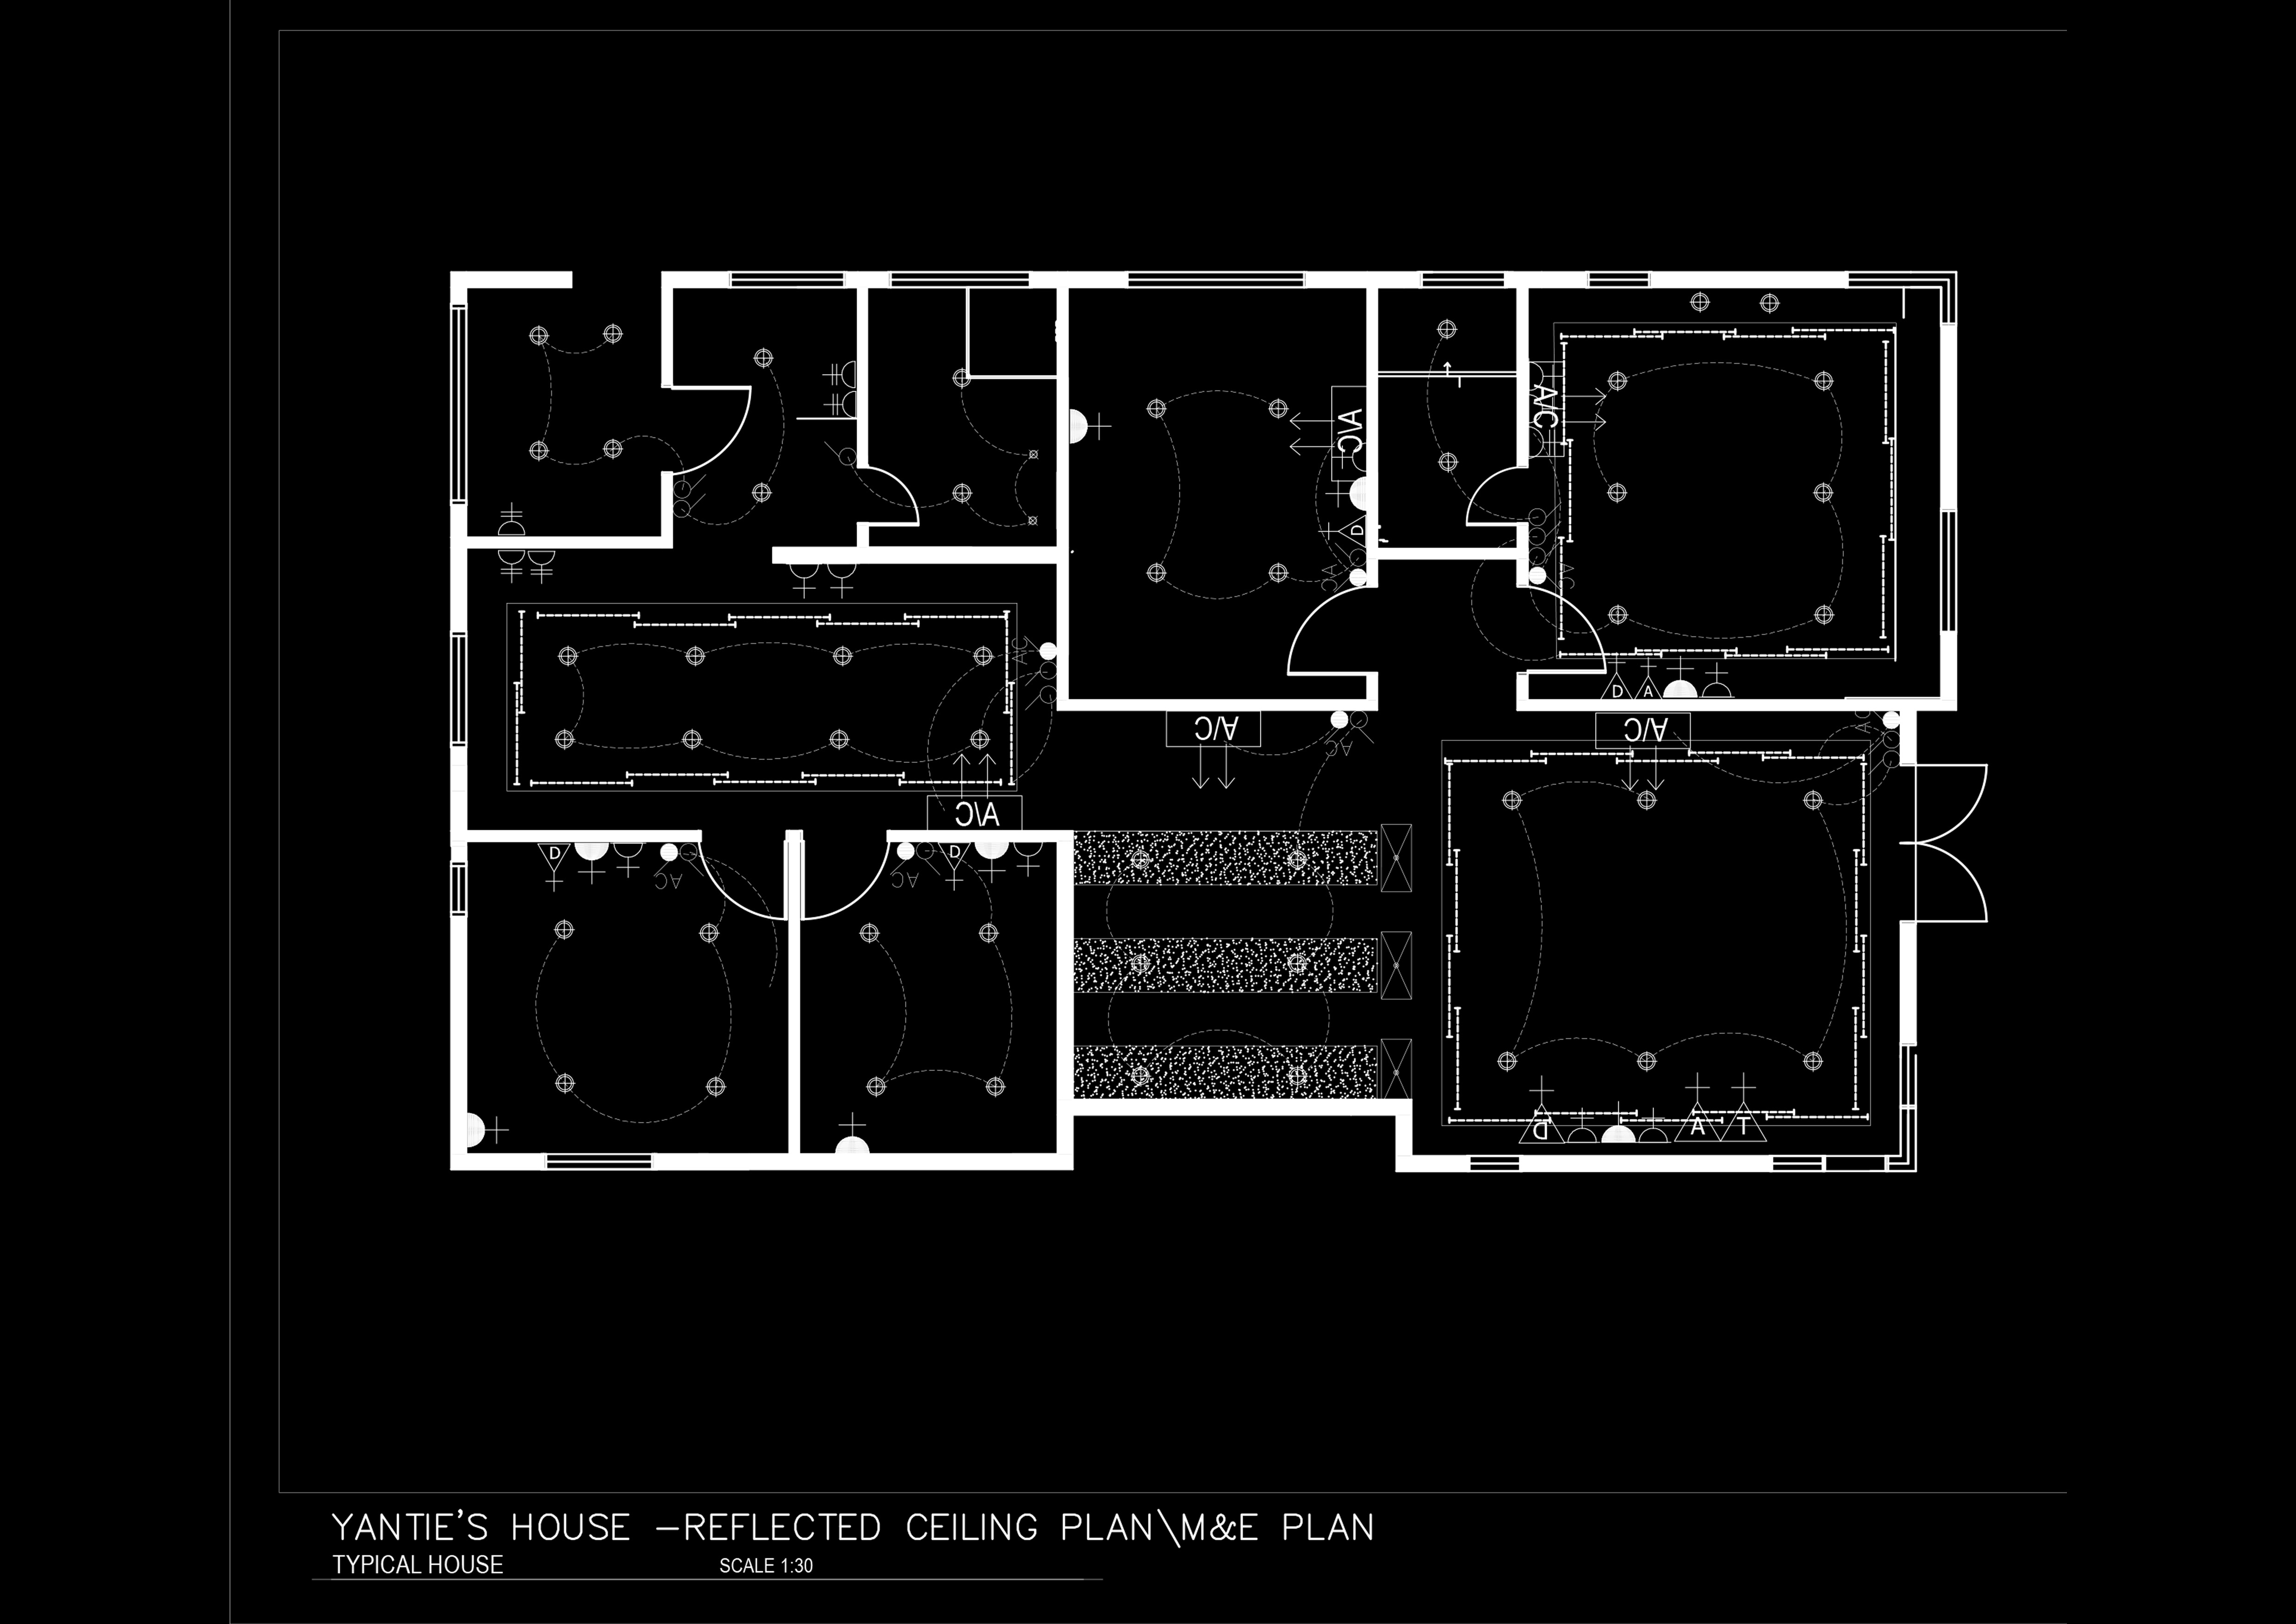 plan layout